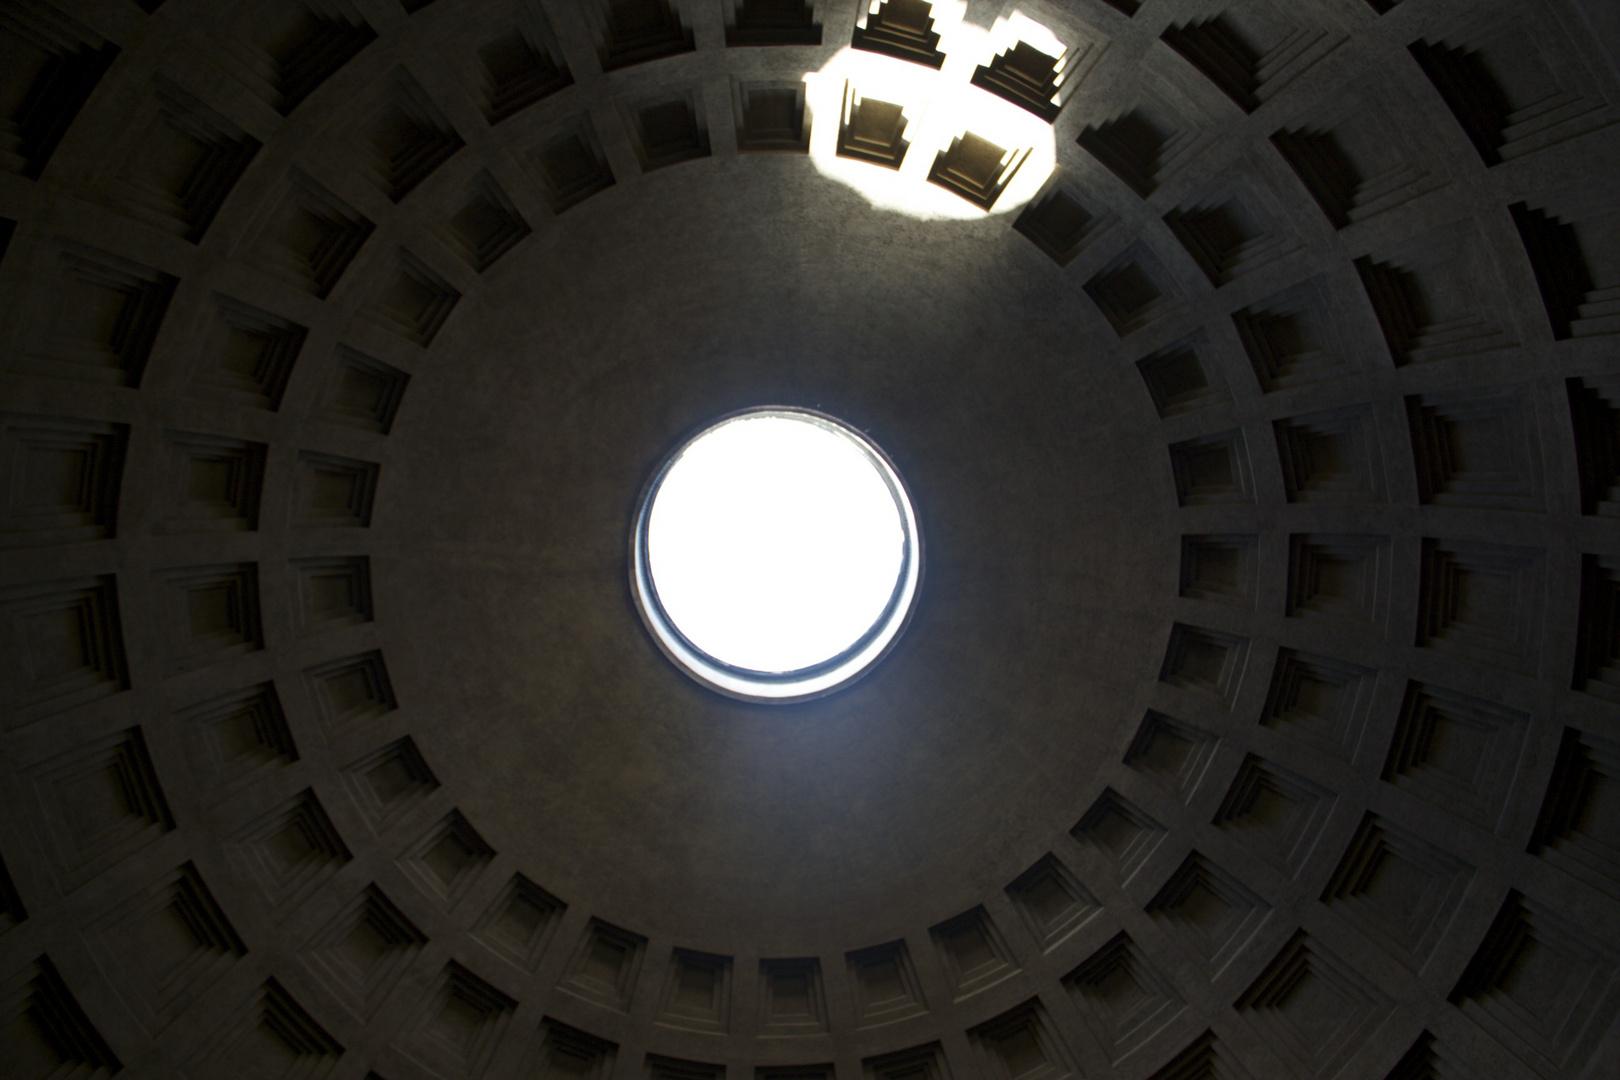 2011. ROME PANTHEON